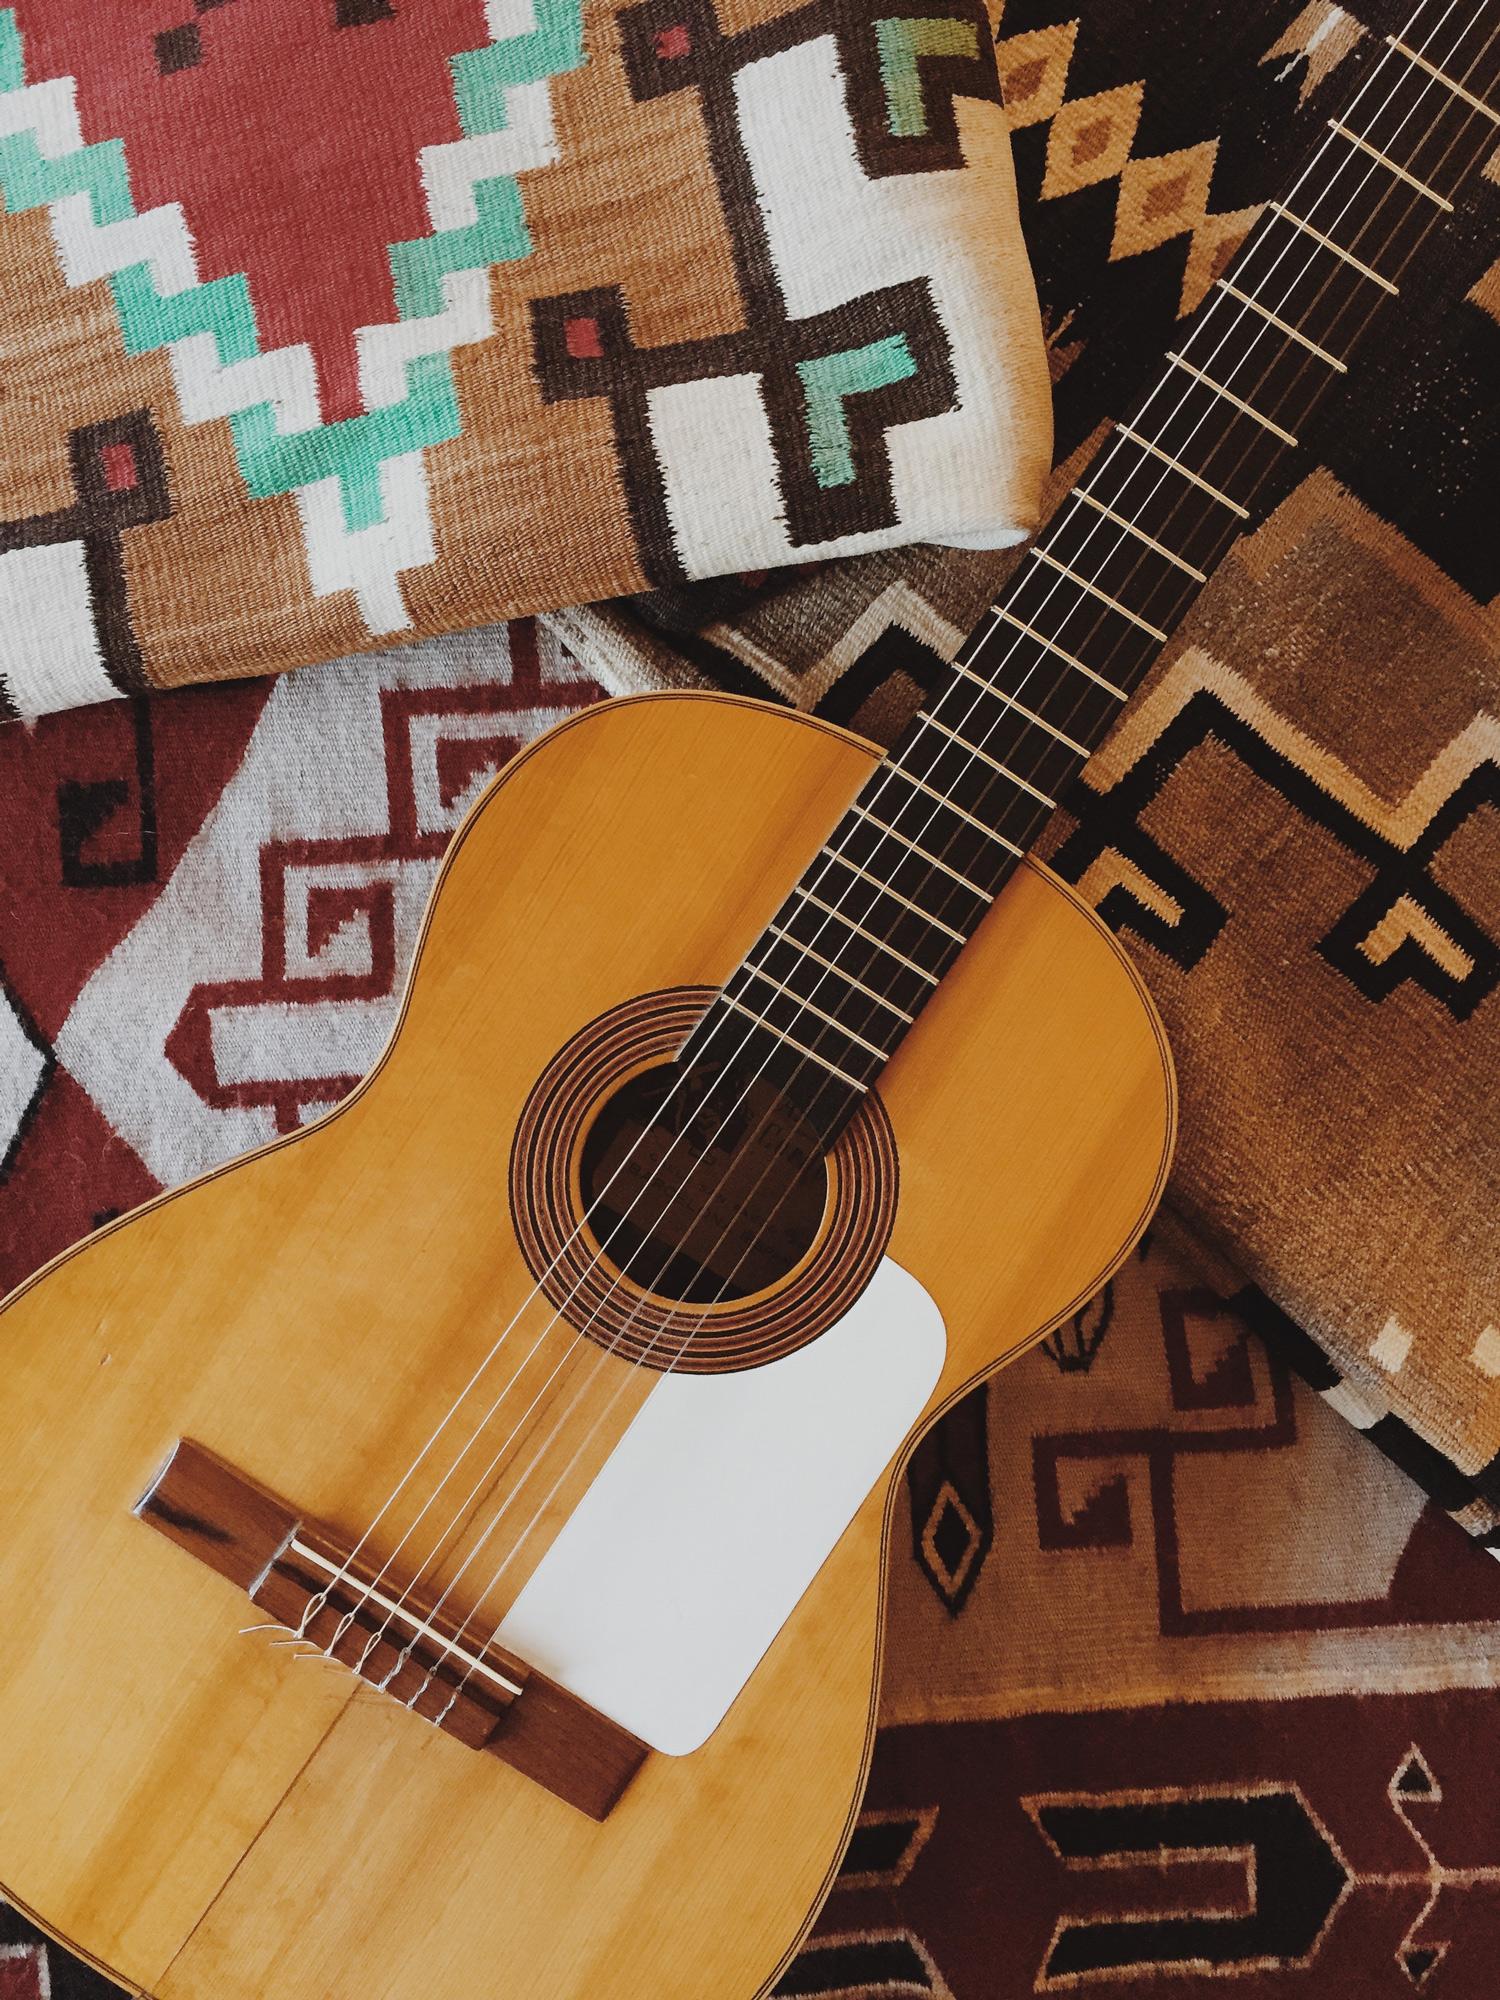 Songs for the Soul Alturas Spiritual Journeys Blog2.jpg